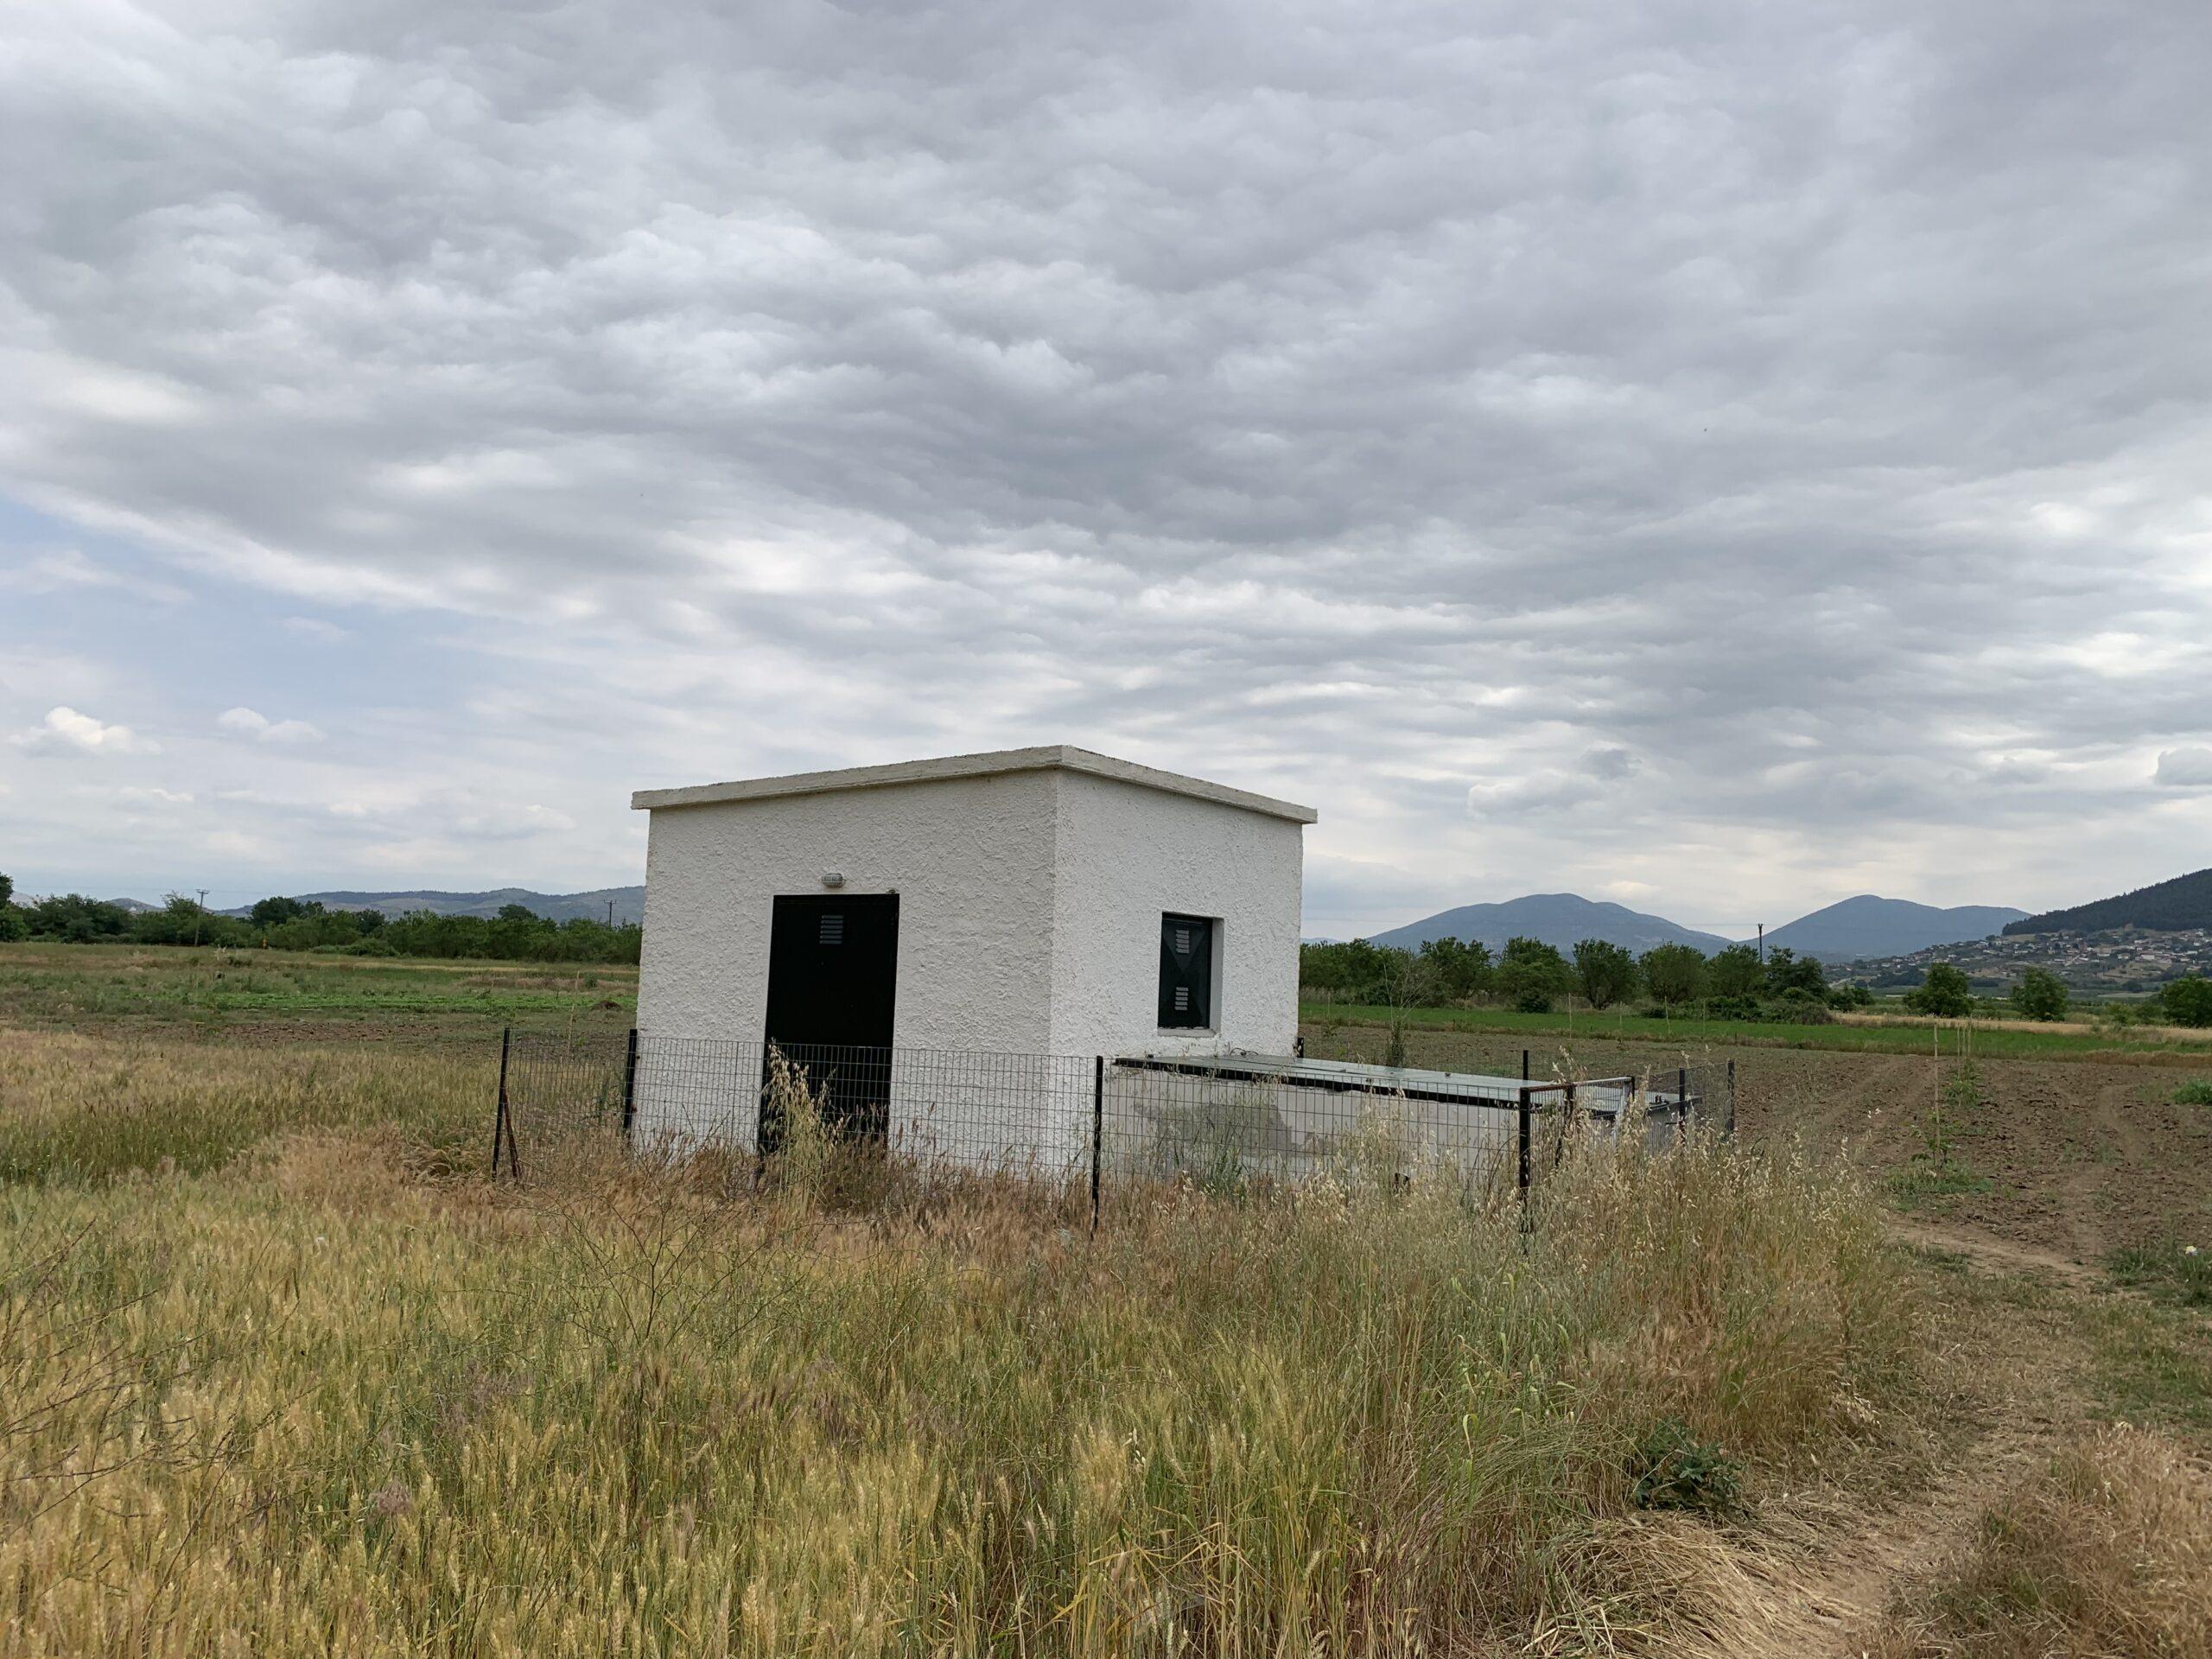 Το υδρευτικό πρόβλημα στο Αμούρι Ελασσόνας λύνει η Περιφέρεια Θεσσαλίας